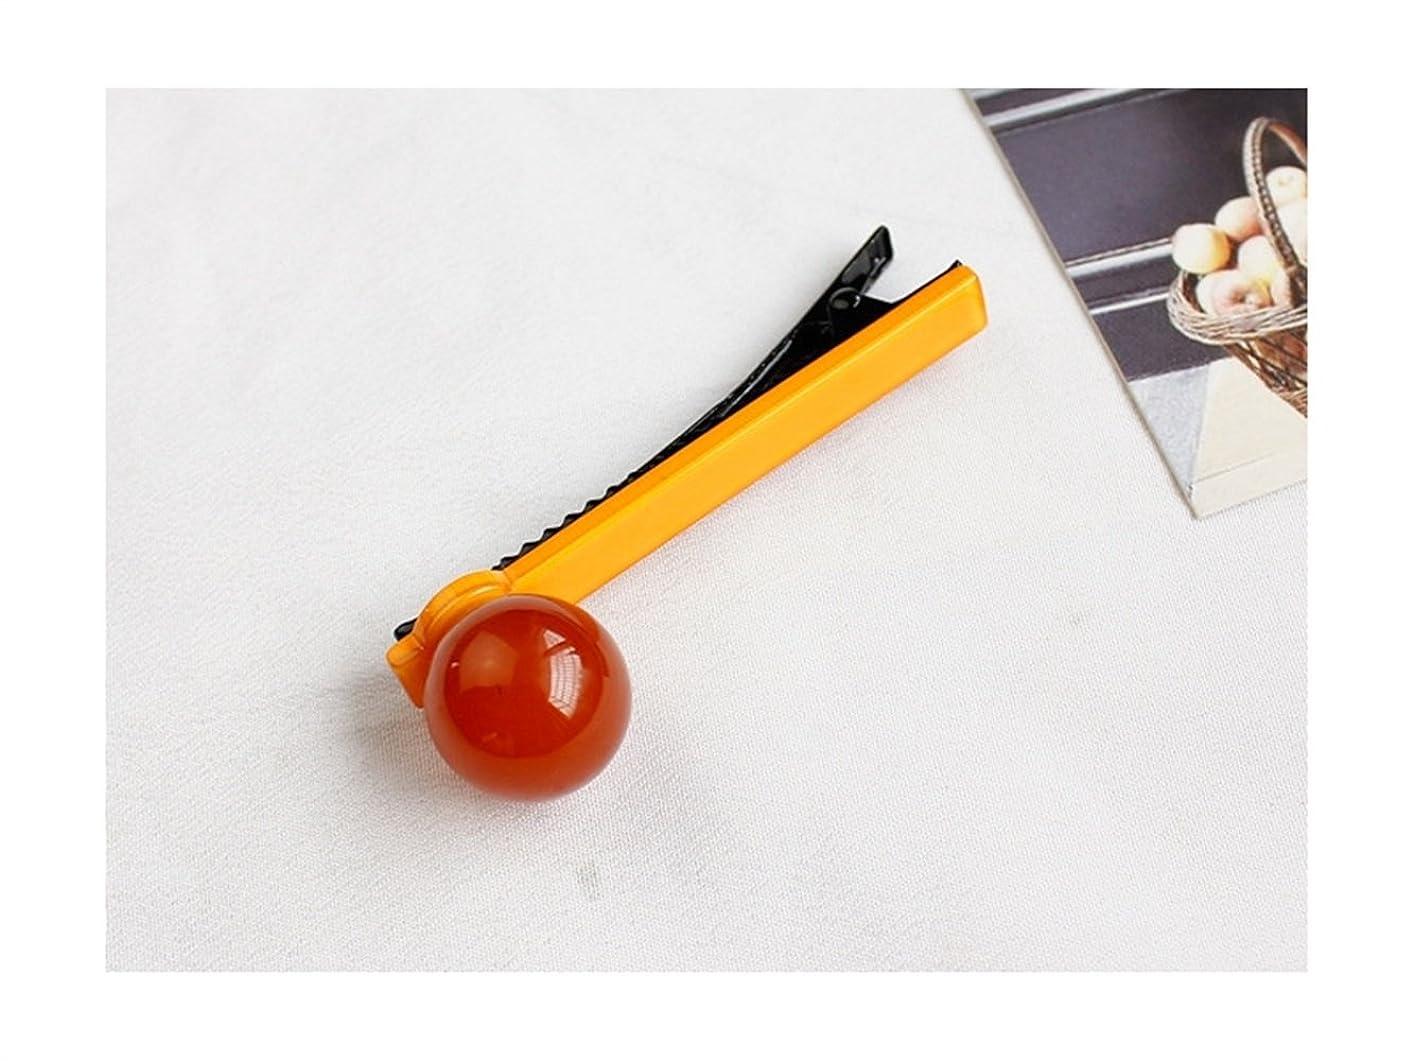 順番原点必要条件Osize 美しいスタイル ラウンドボールキャンディーカラーバングヘアピンダックビルクリップサイドクリップ(レッド+オレンジ)